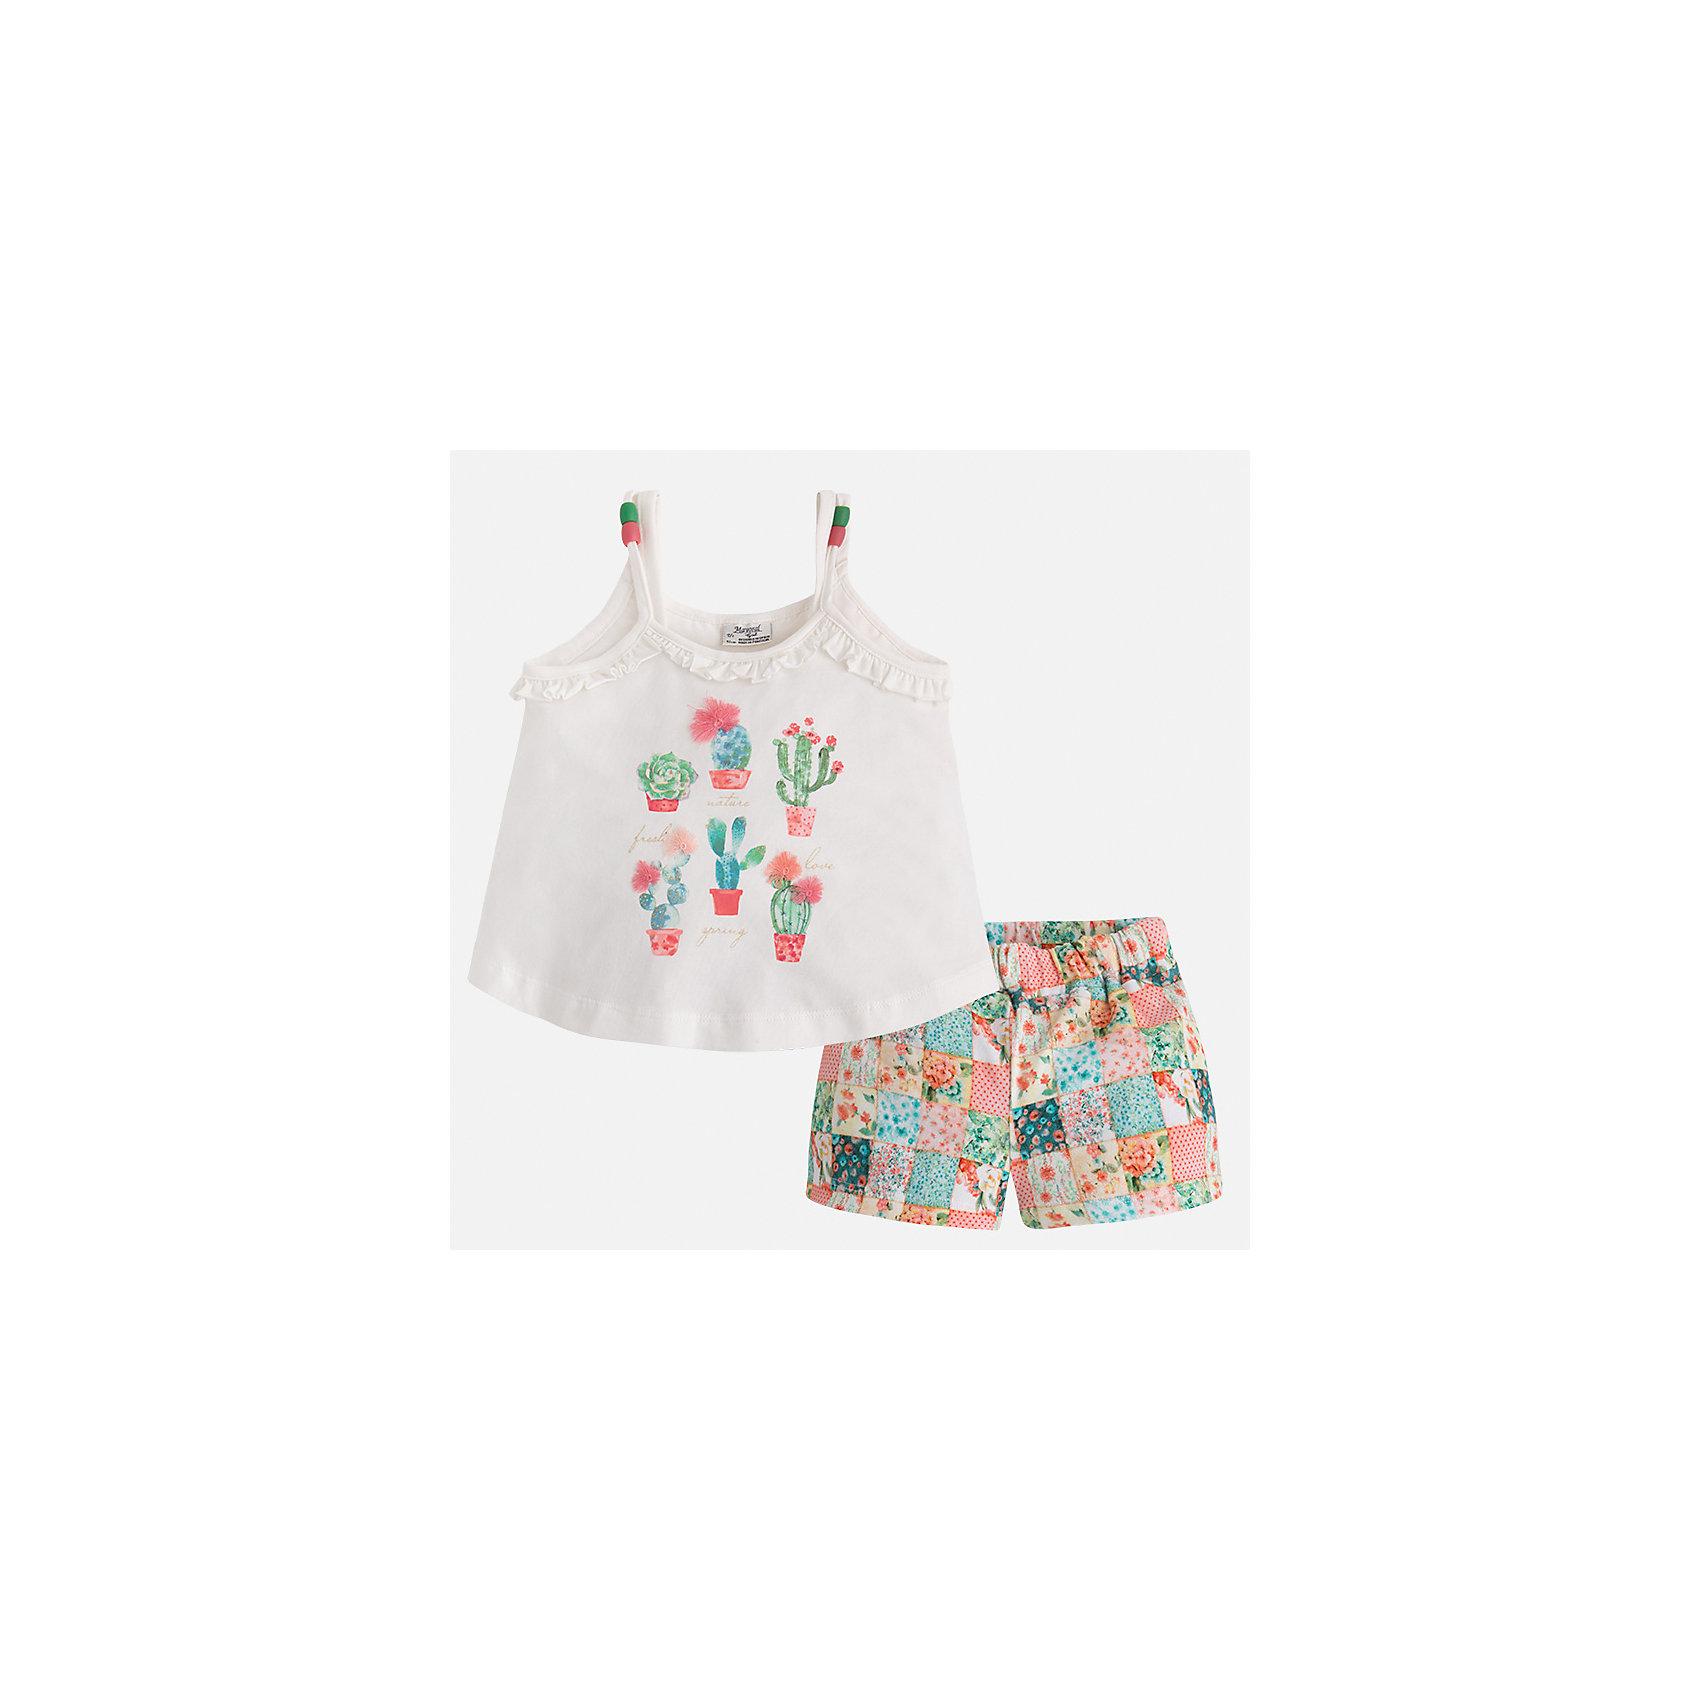 Шорты для девочки MayoralХарактеристики товара:<br><br>• цвет: белый/мультиколор<br>• состав: 96% хлопок, 4% эластан<br>• комплектация: майка, шорты<br>• майка декорирована принтом<br>• шорты из материала с принтом<br>• пояс на резинке<br>• страна бренда: Испания<br><br>Стильный качественный комплект для девочки поможет разнообразить гардероб ребенка и удобно одеться в теплую погоду. Он отлично сочетается с другими предметами. Интересная отделка модели делает её нарядной и оригинальной. В составе материала - натуральный хлопок, гипоаллергенный, приятный на ощупь, дышащий.<br><br>Комплект для девочки от испанского бренда Mayoral (Майорал) можно купить в нашем интернет-магазине.<br><br>Ширина мм: 191<br>Глубина мм: 10<br>Высота мм: 175<br>Вес г: 273<br>Цвет: оранжевый<br>Возраст от месяцев: 96<br>Возраст до месяцев: 108<br>Пол: Женский<br>Возраст: Детский<br>Размер: 98,104,110,116,122,128,134,92<br>SKU: 5289830